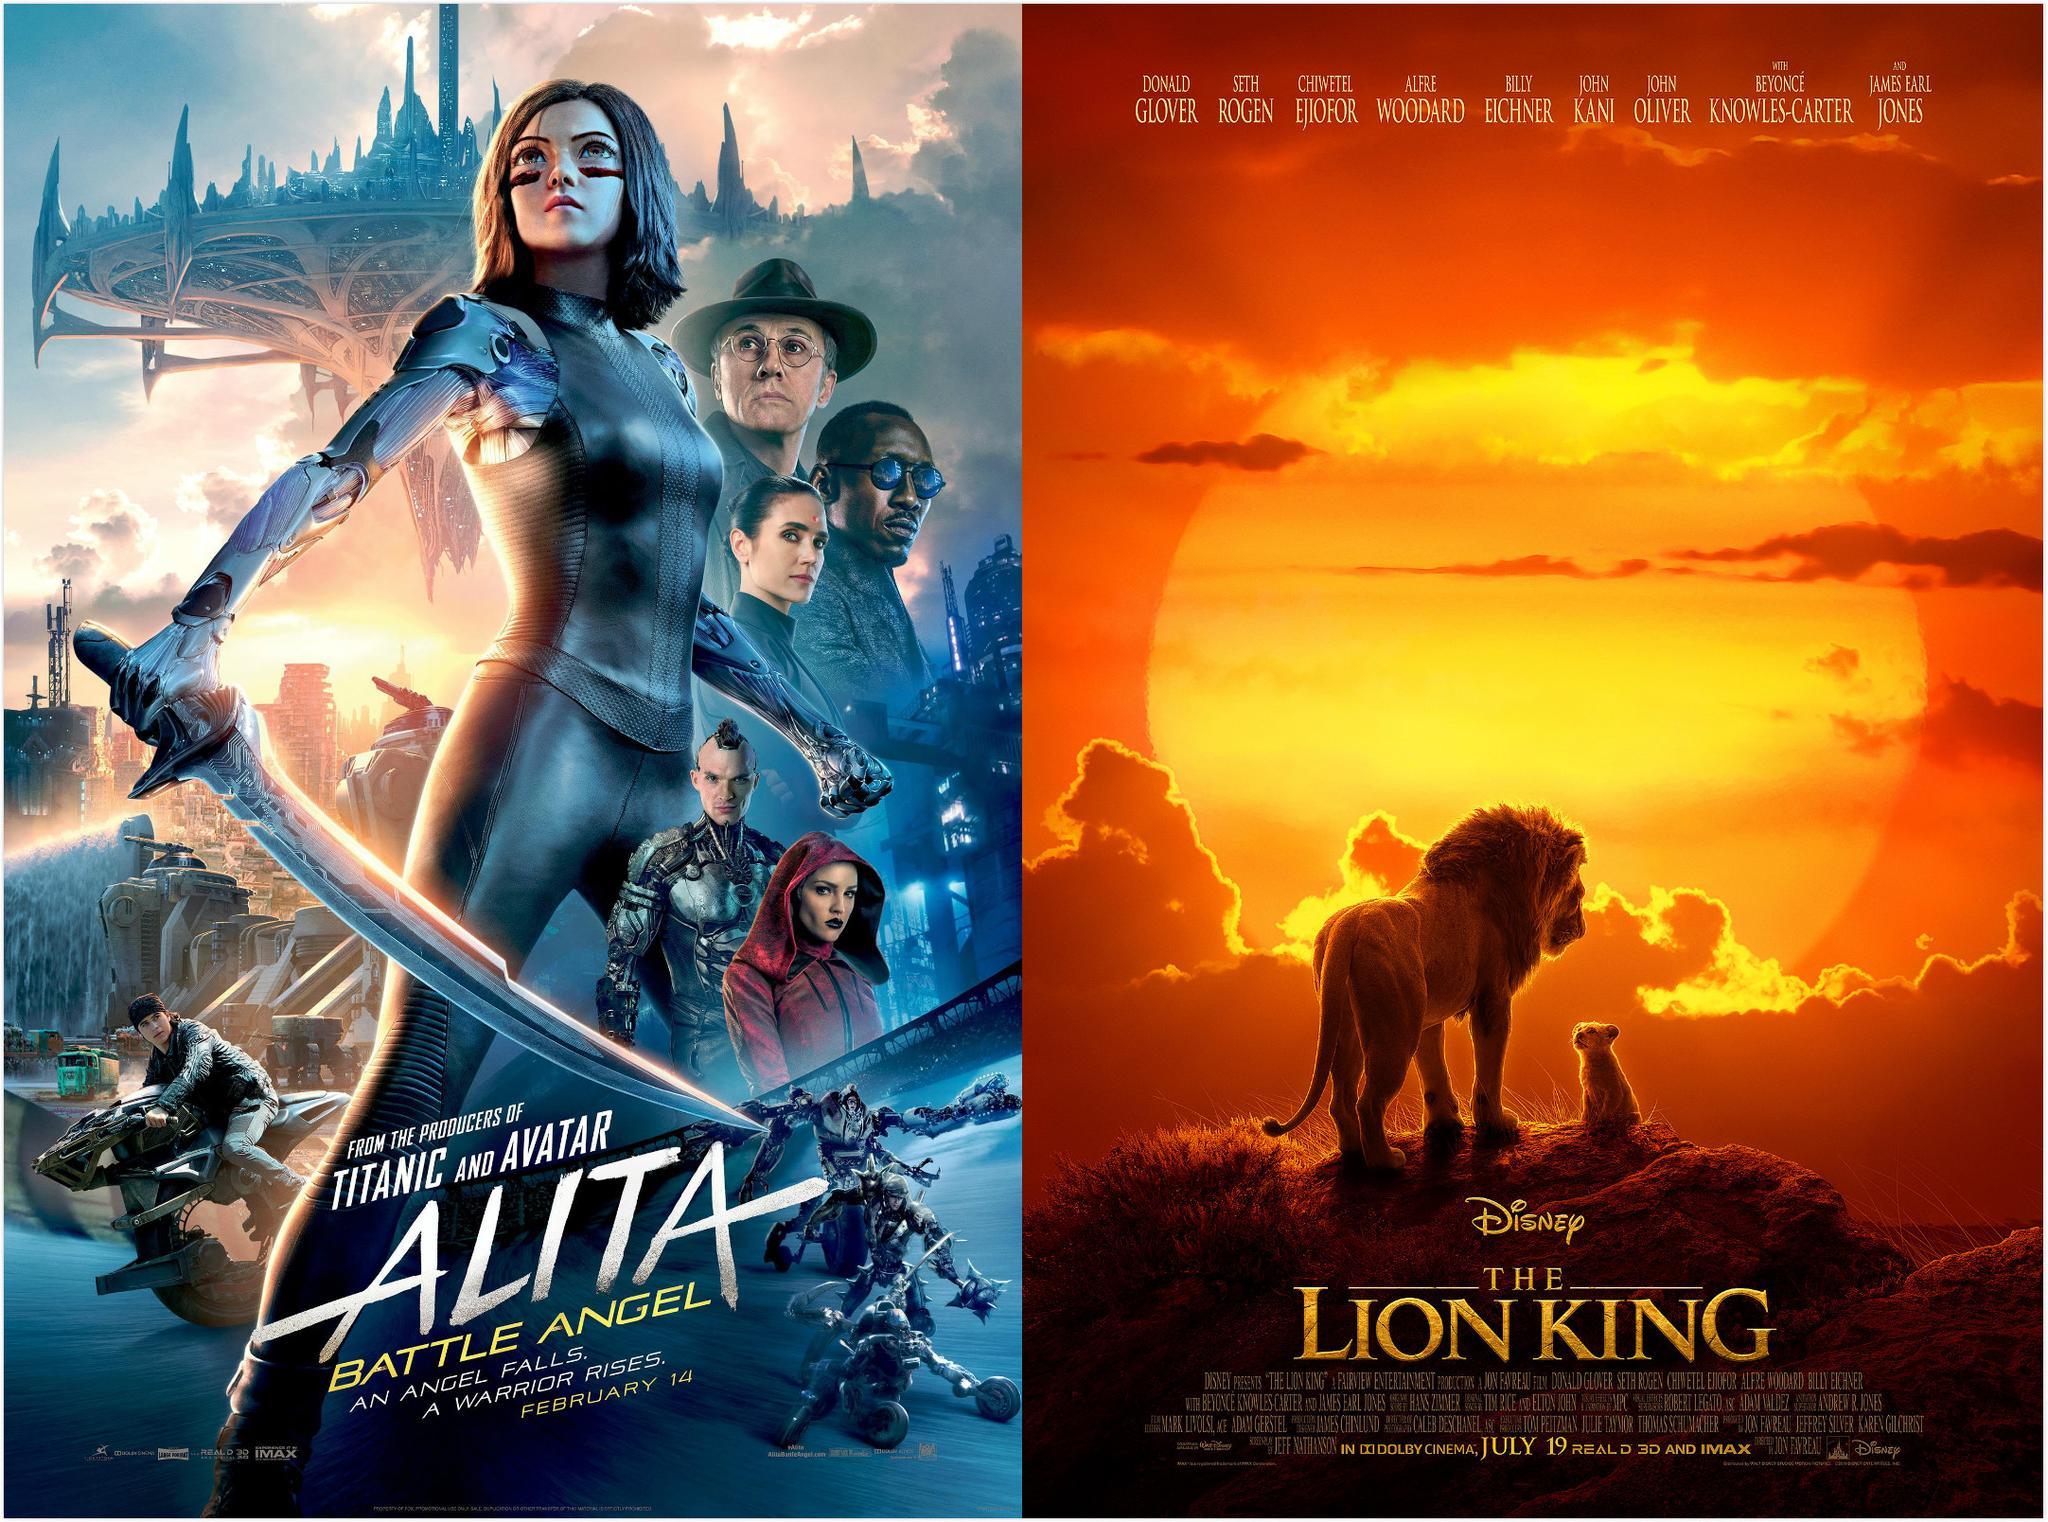 《阿丽塔》《狮子王》领跑美国视觉效果工会奖提名图片